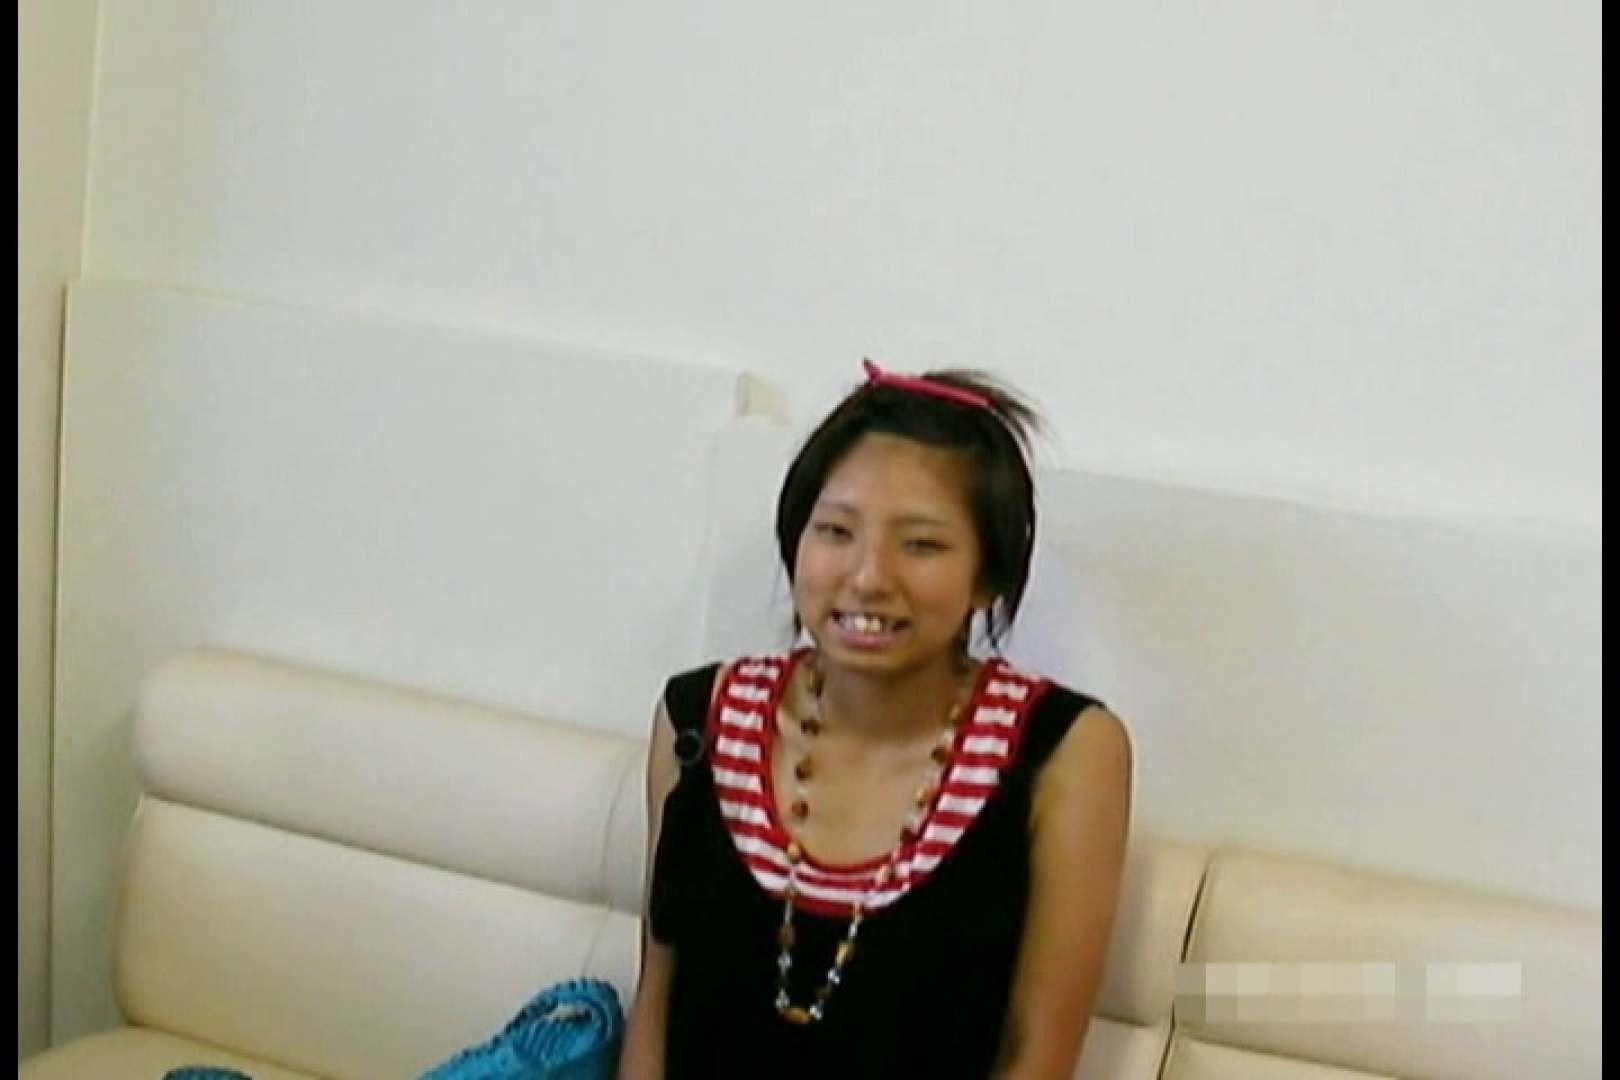 素人撮影 下着だけの撮影のはずが・・・エミちゃん18歳 無修正マンコ えろ無修正画像 85PIX 4